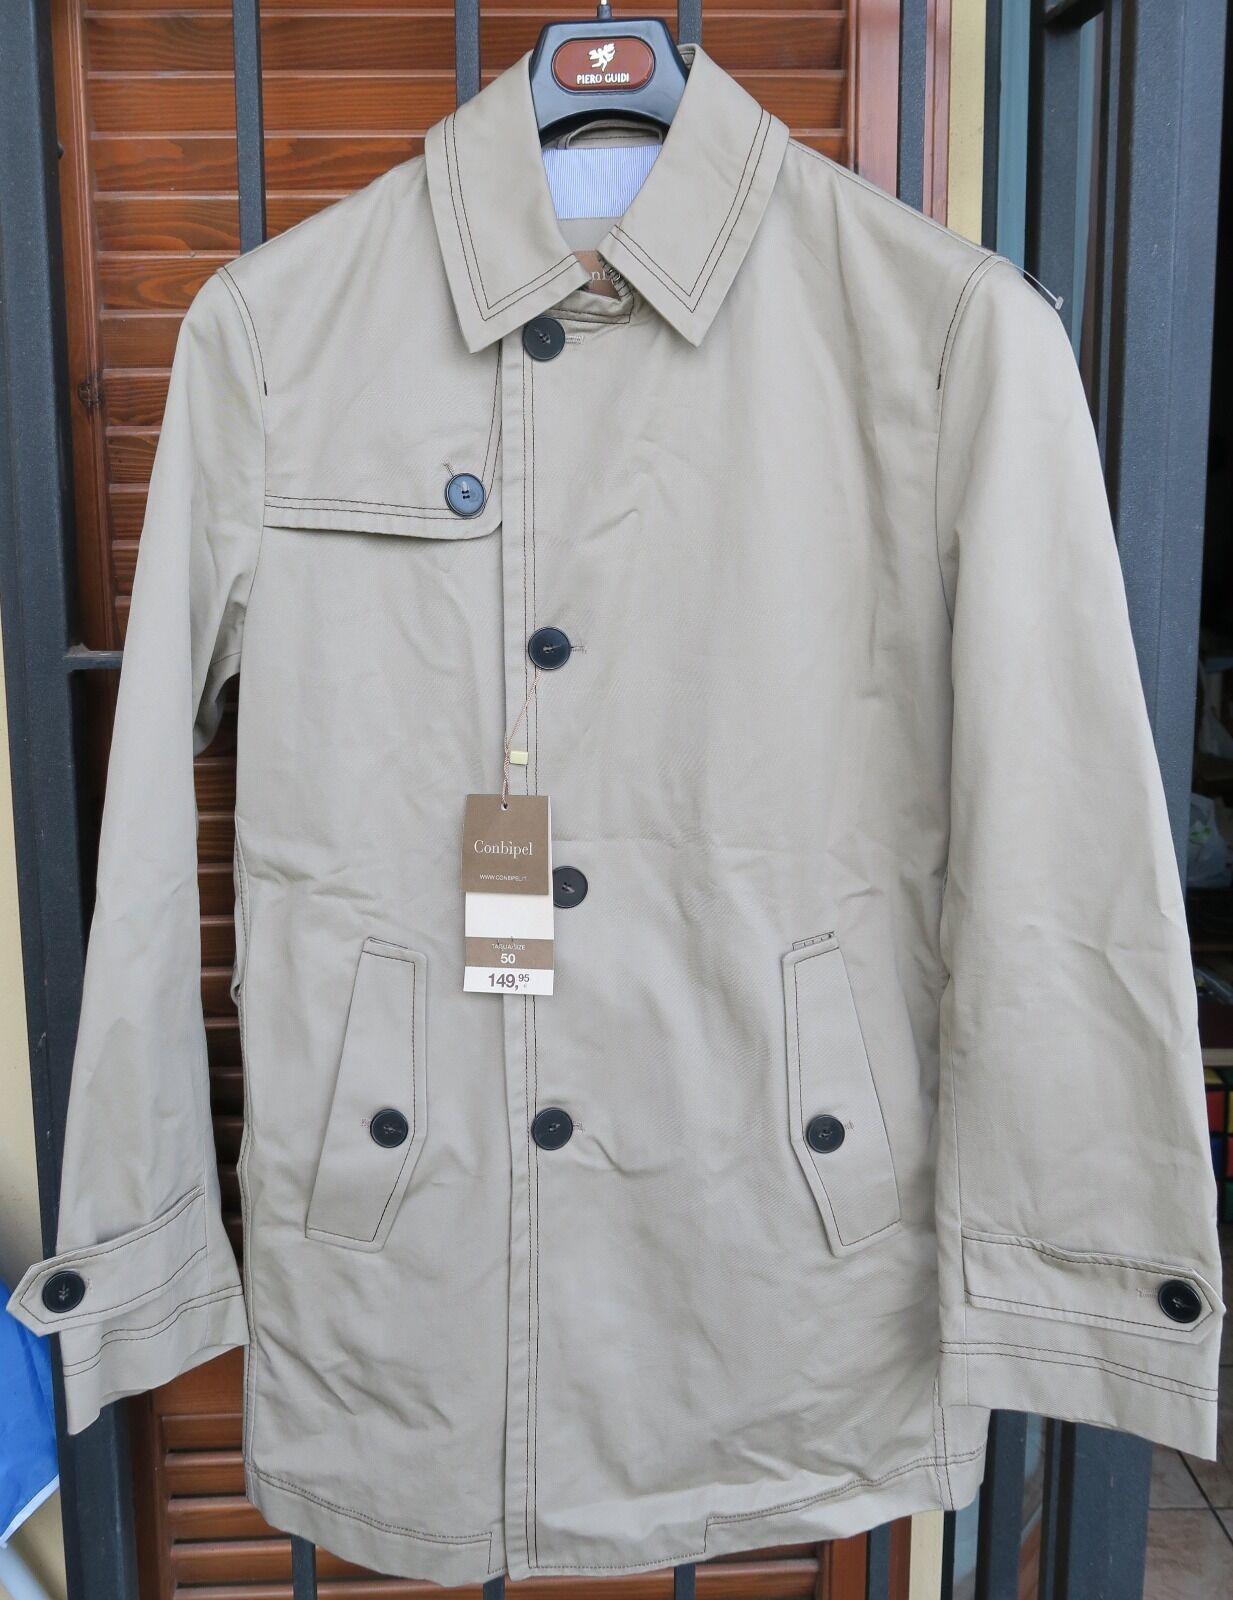 Trench uomo Conbipel nuovo Tg. 50 e 52 - cappotto giacca  df23c82caba8